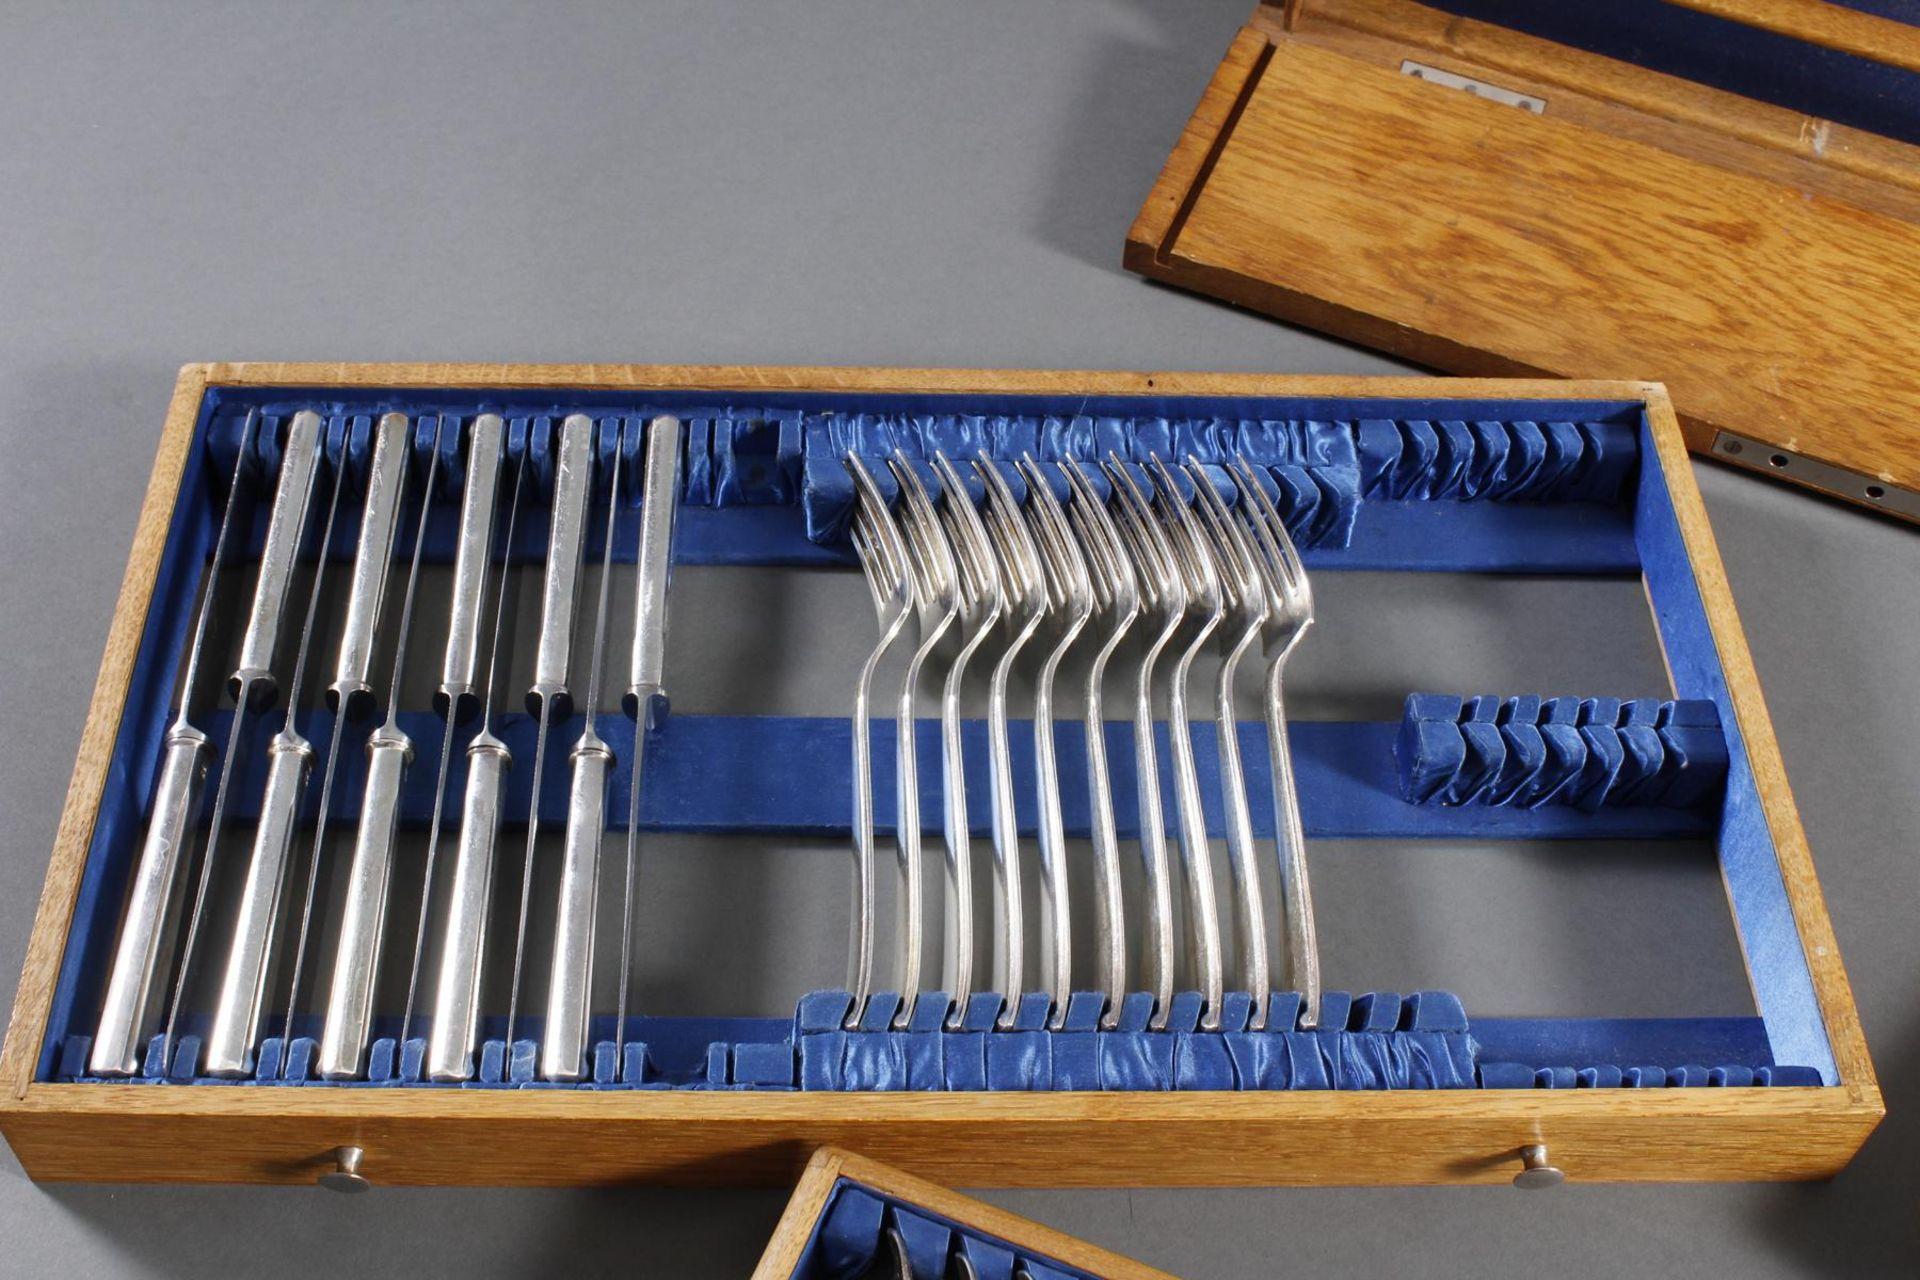 Bruckmann Essbesteck für 12 Personen im Besteckkasten, 90er Auflage - Bild 6 aus 8